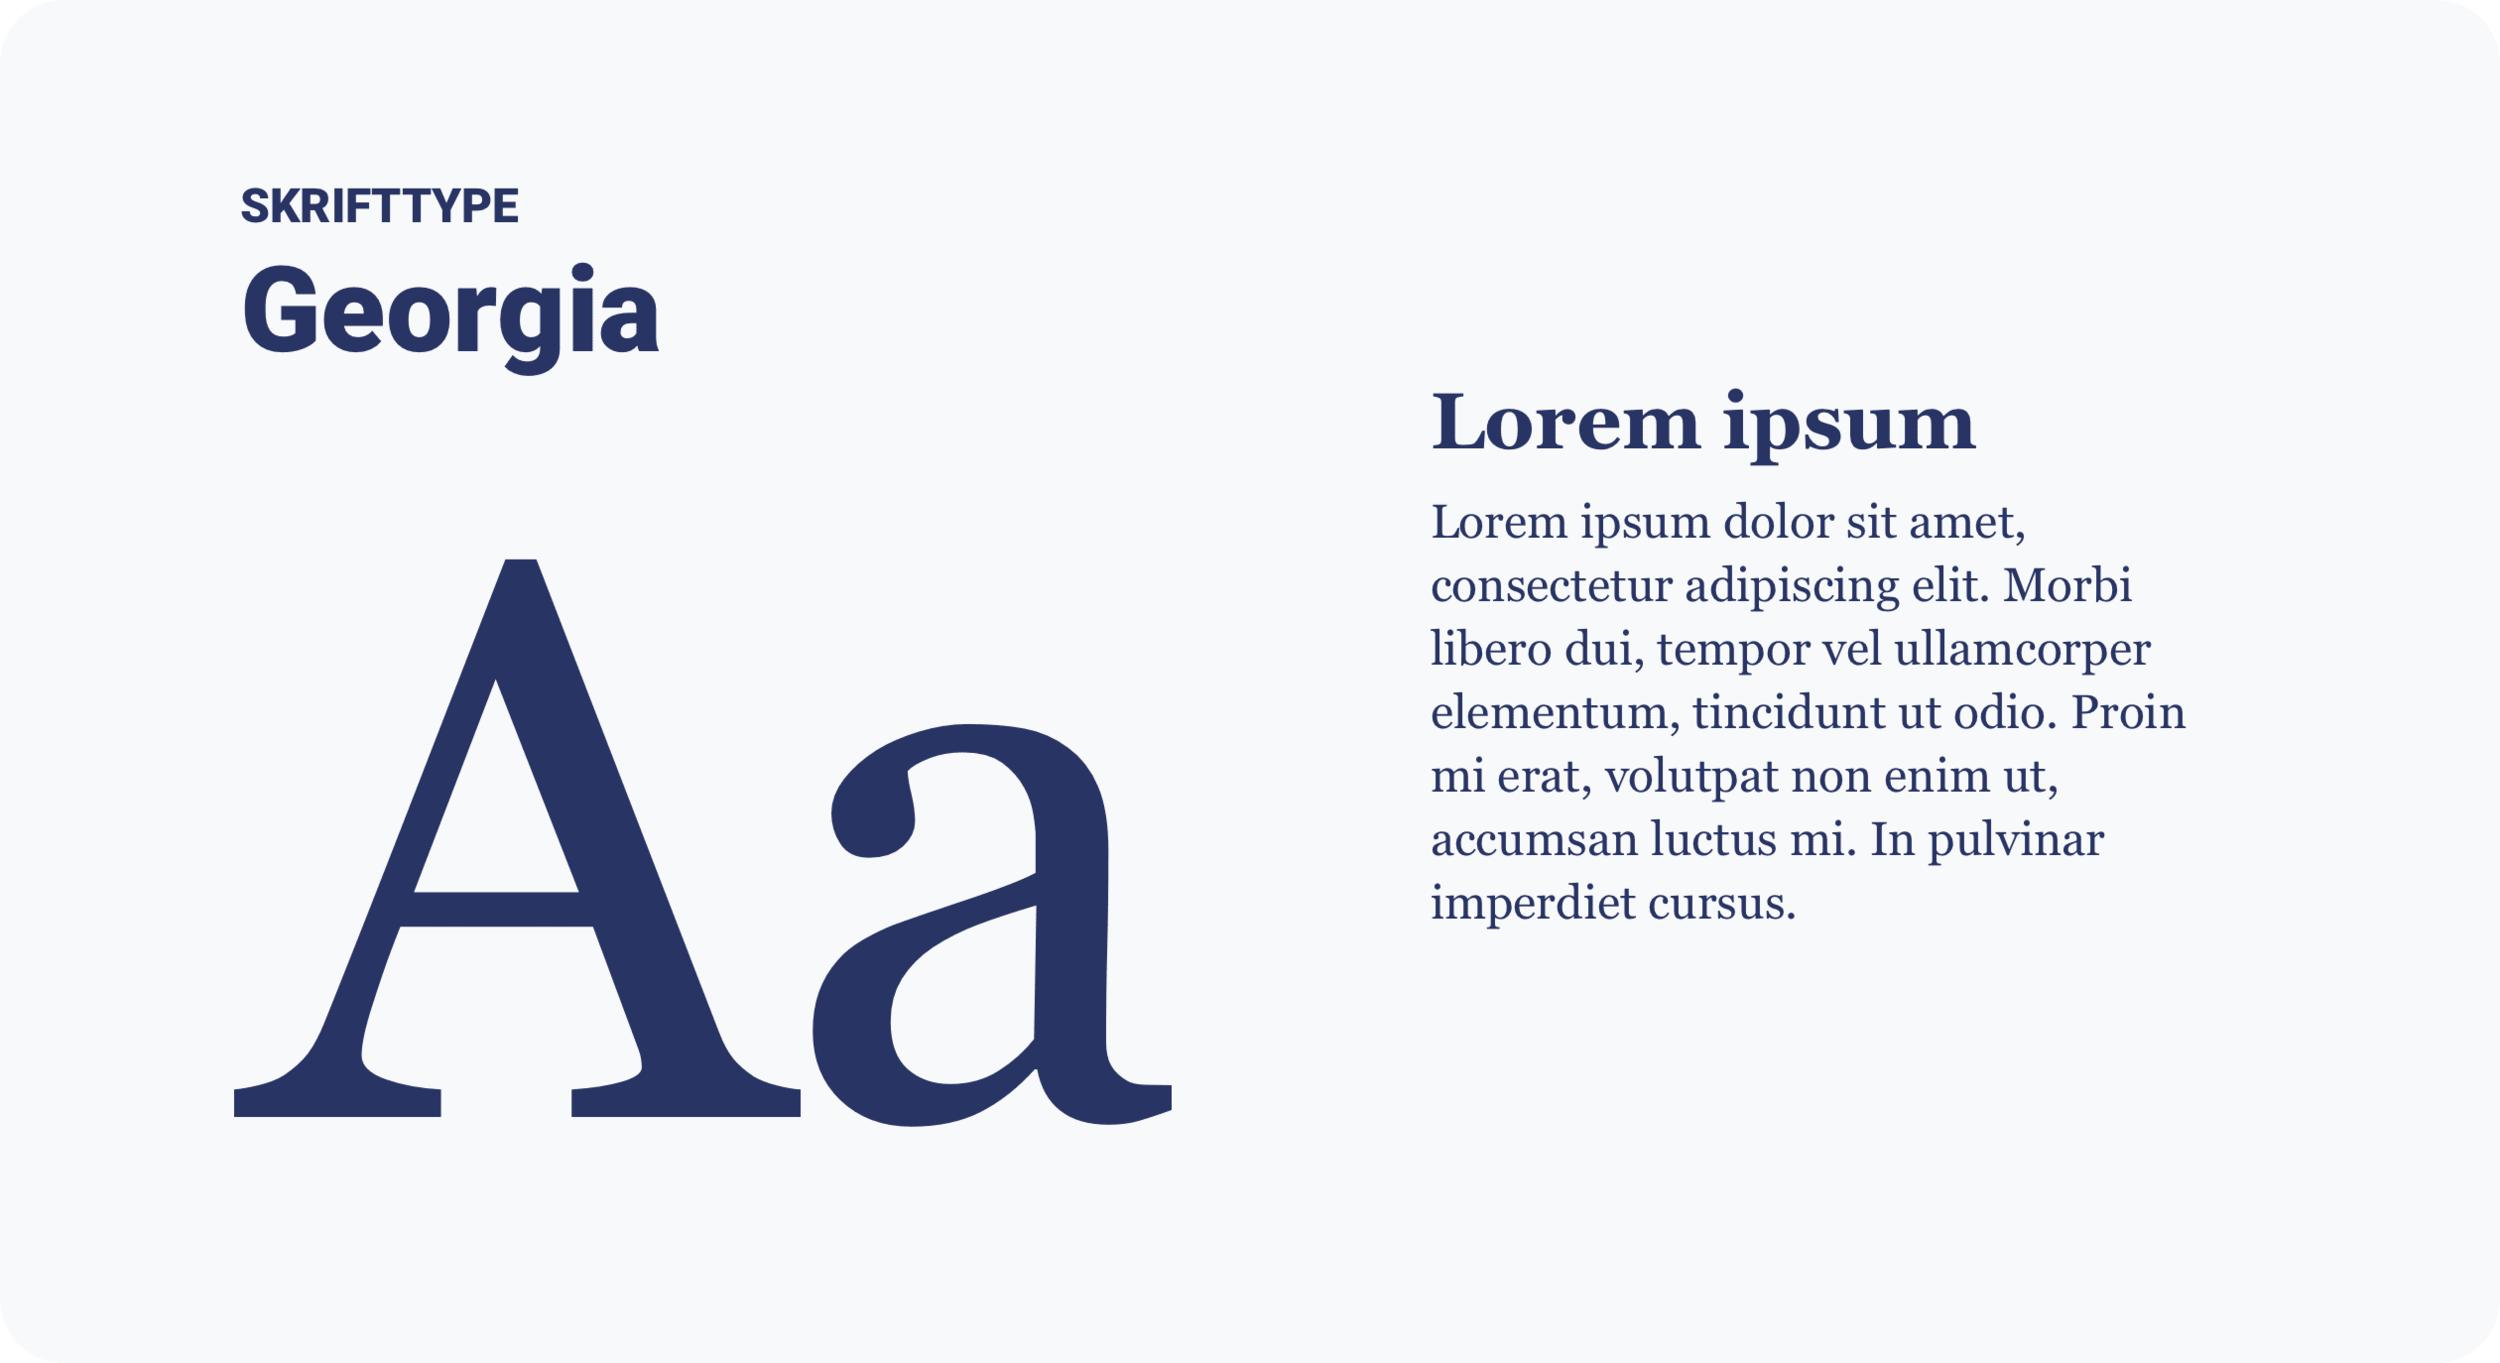 norsk-forfatterutvikling-tekst